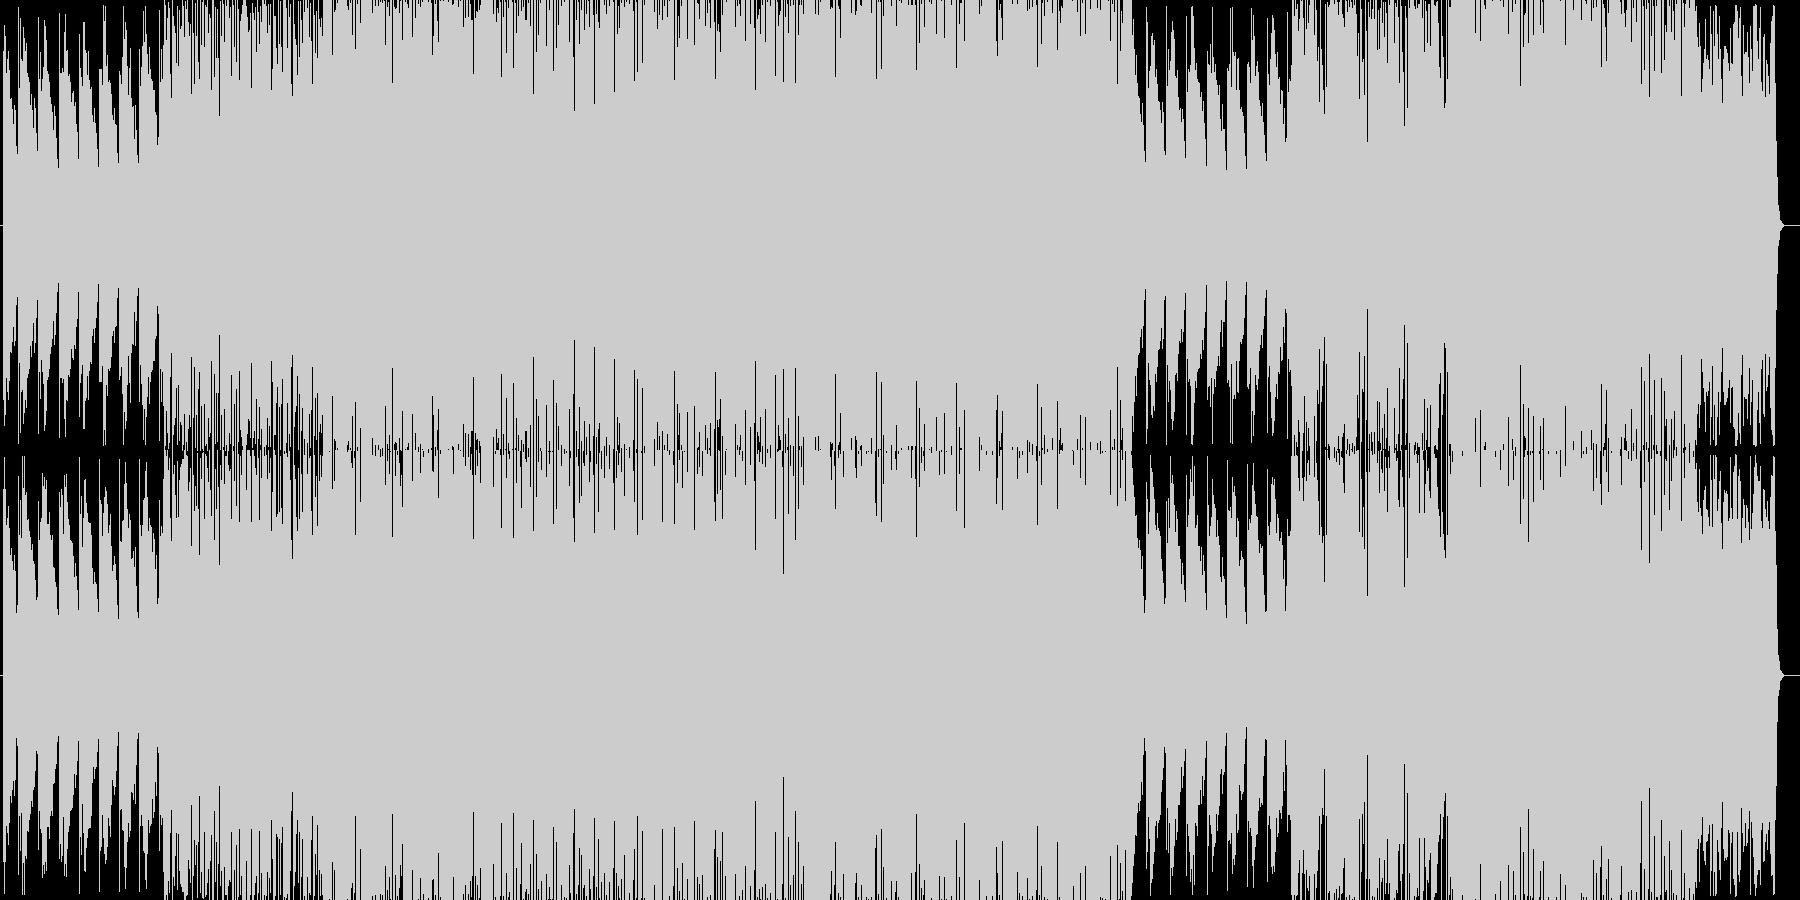 おしゃれでリラックスできるエレクトロニカの未再生の波形